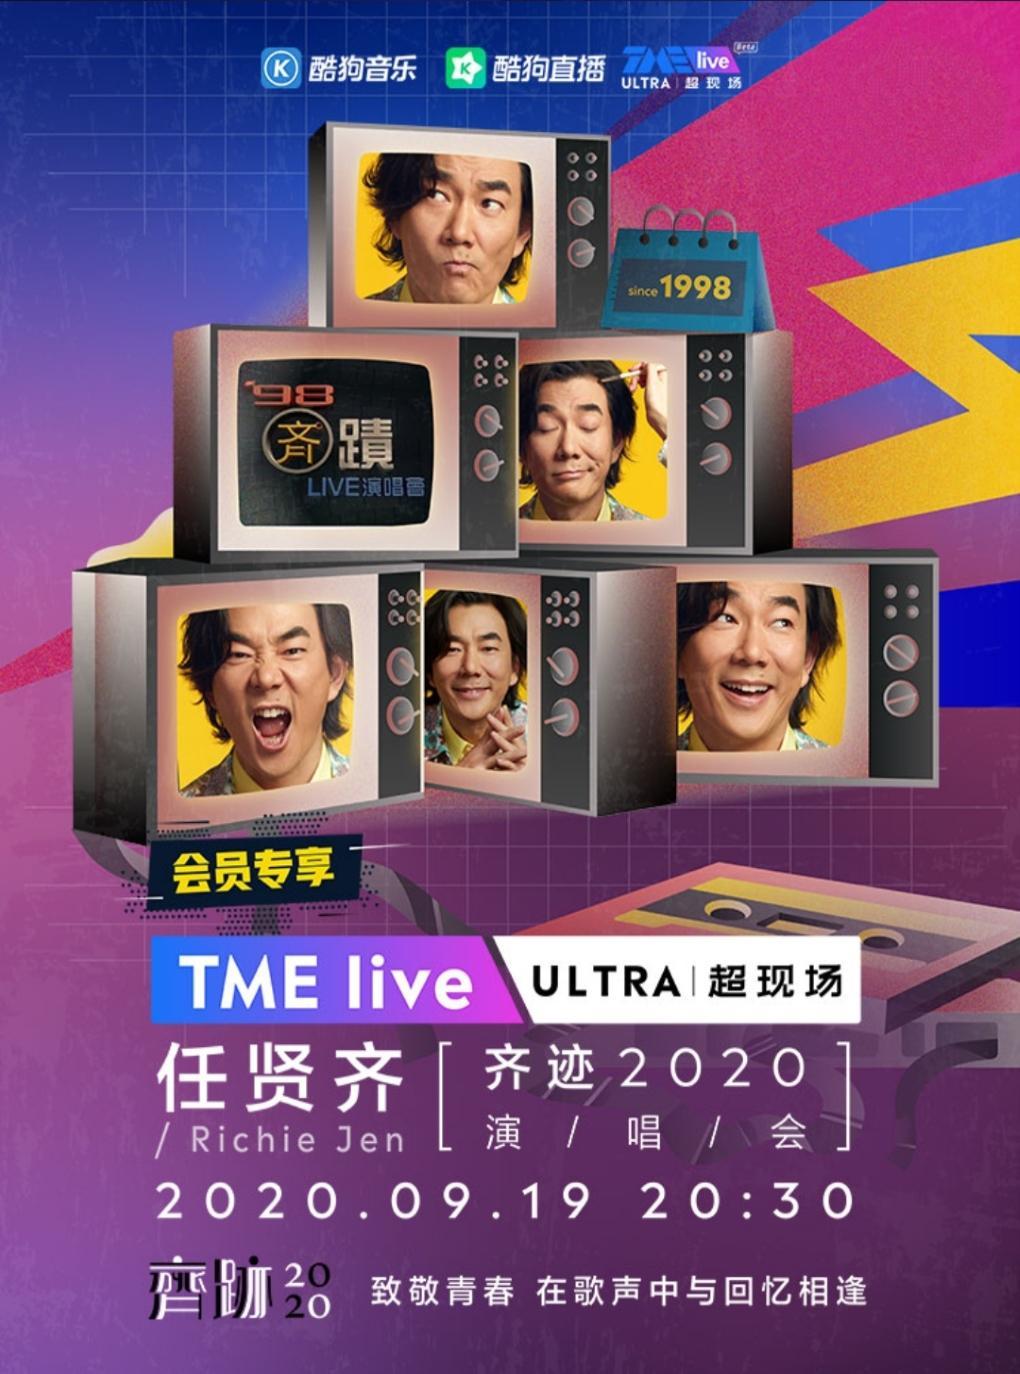 任贤齐齐迹演唱会TME LIVE超现场